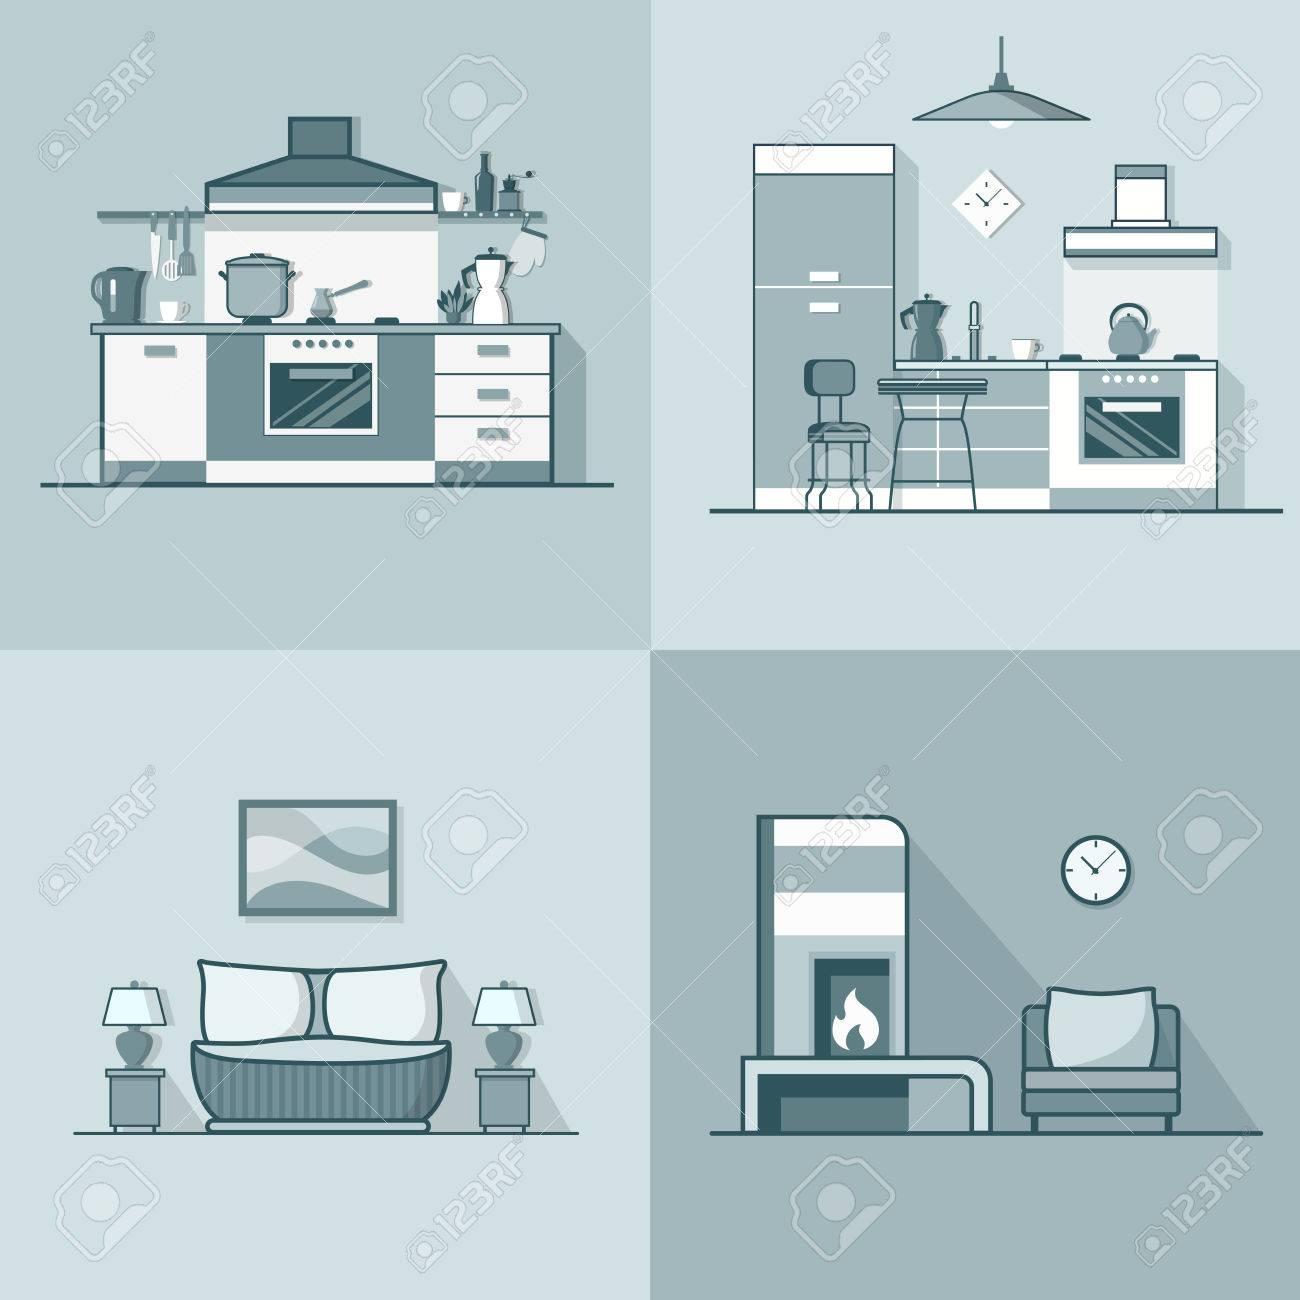 Condo Unterkunft Küche Schlafzimmer Wohnzimmer Innenraum Innen Set. Linear  Schlaganfall Umriss Flach Stil Vektor